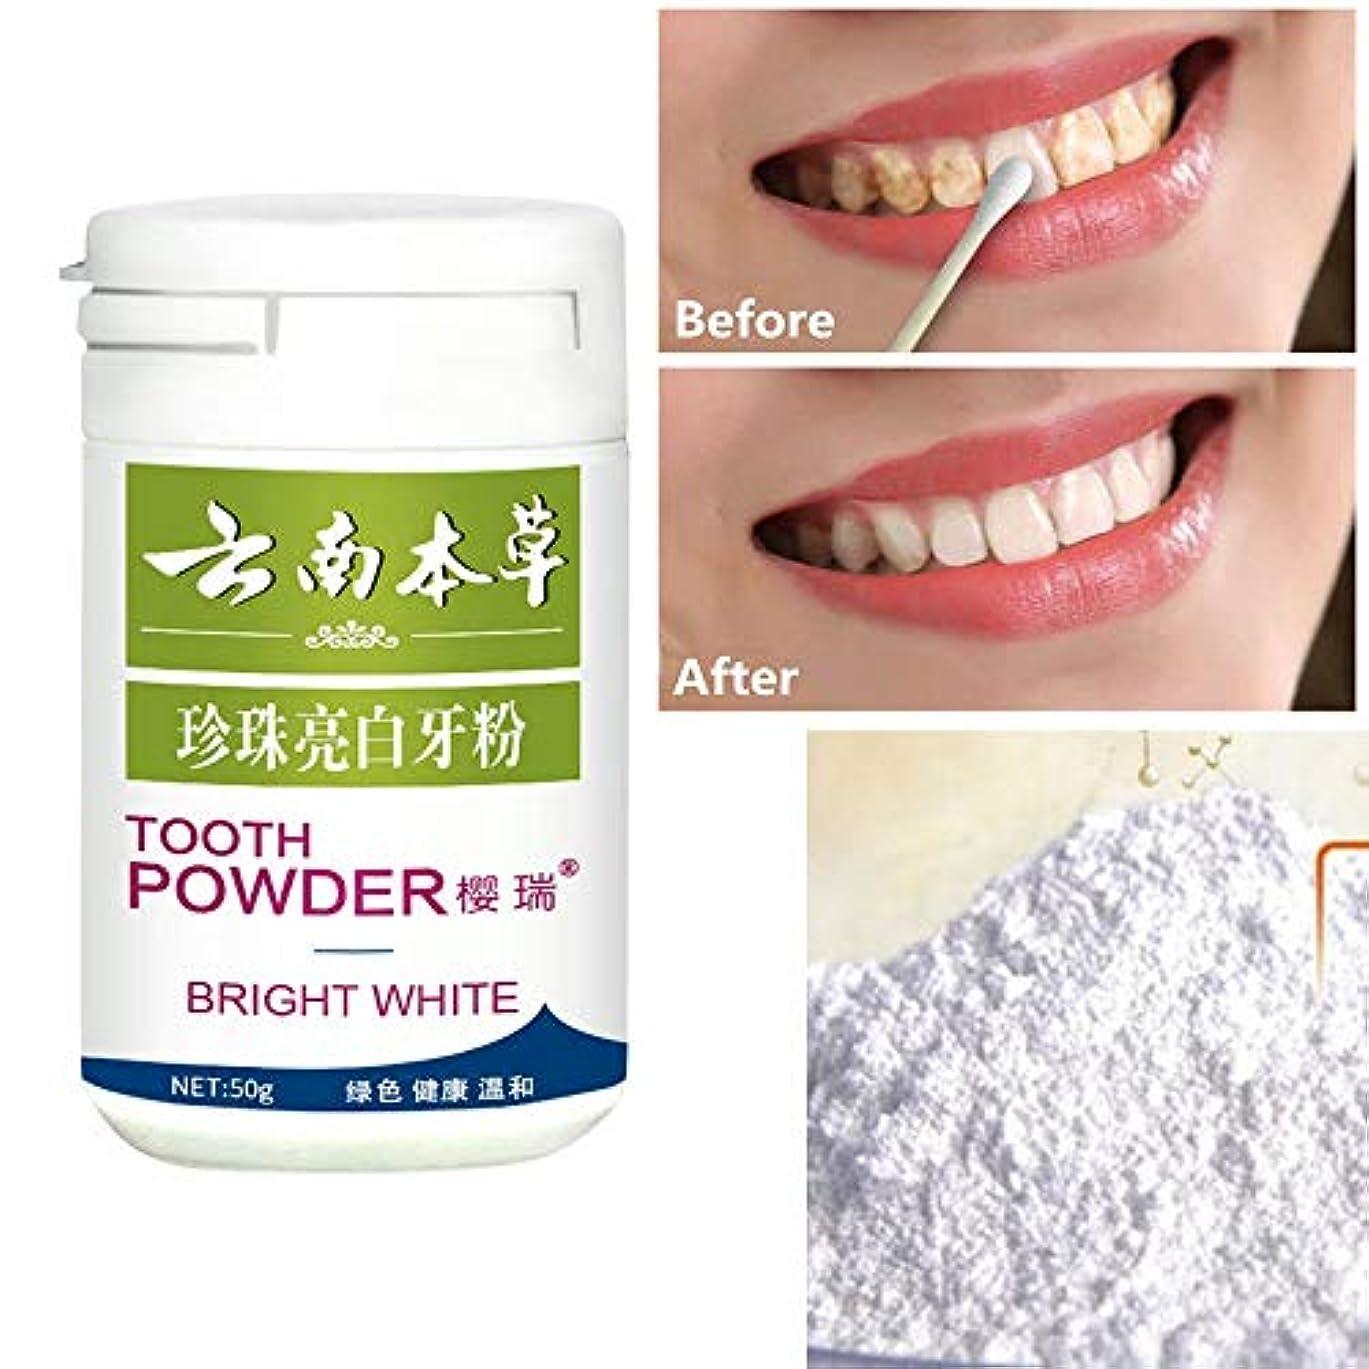 悪性の部分的前置詞50gホワイトニング歯のケア口臭を除去するプラーク歯磨き粉粉末をきれいにする歯の歯石の歯石除去の汚れ